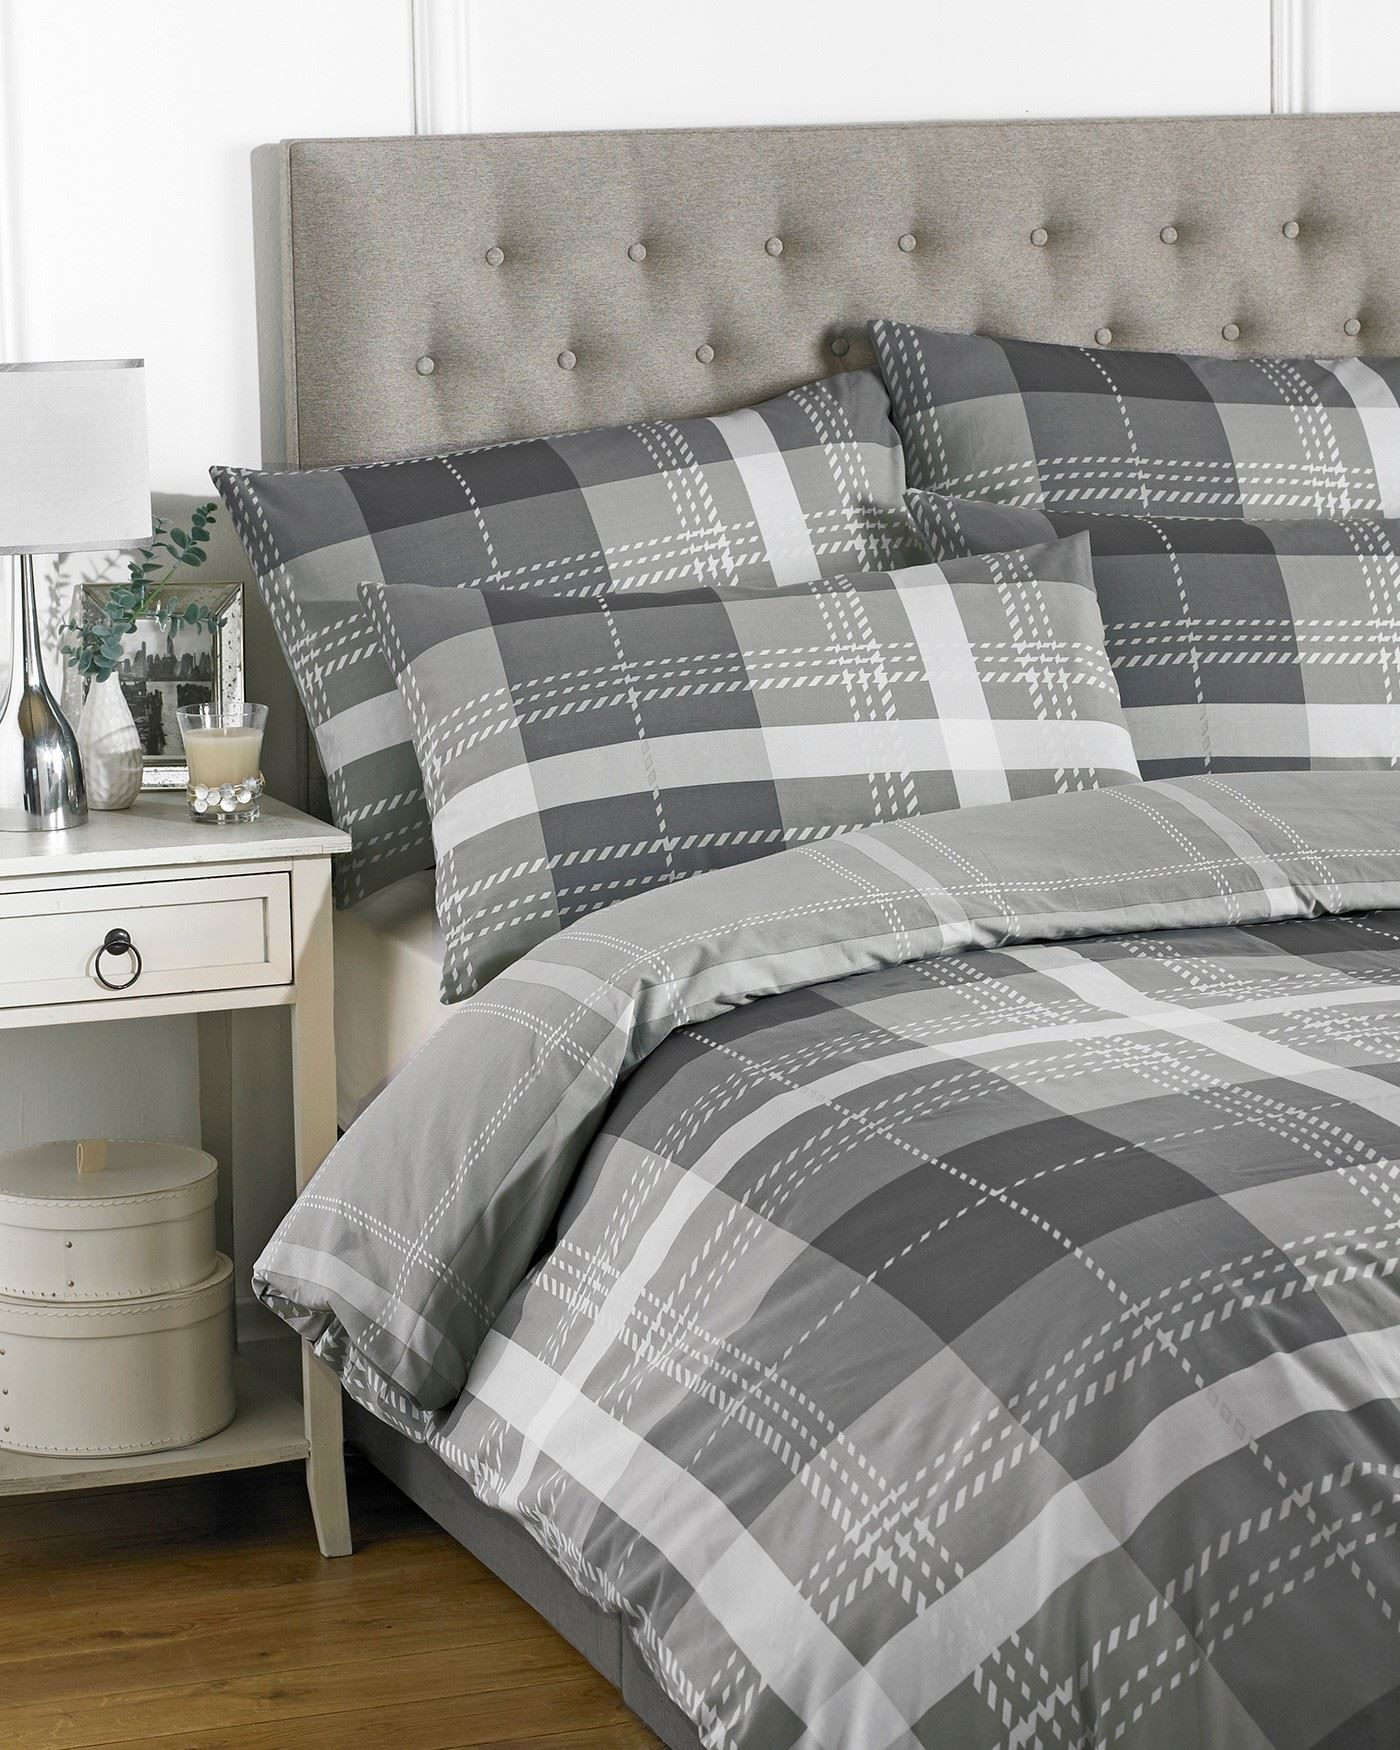 housse de couette taie oreiller literie lit ensembles noir bleu rouge gris ebay. Black Bedroom Furniture Sets. Home Design Ideas